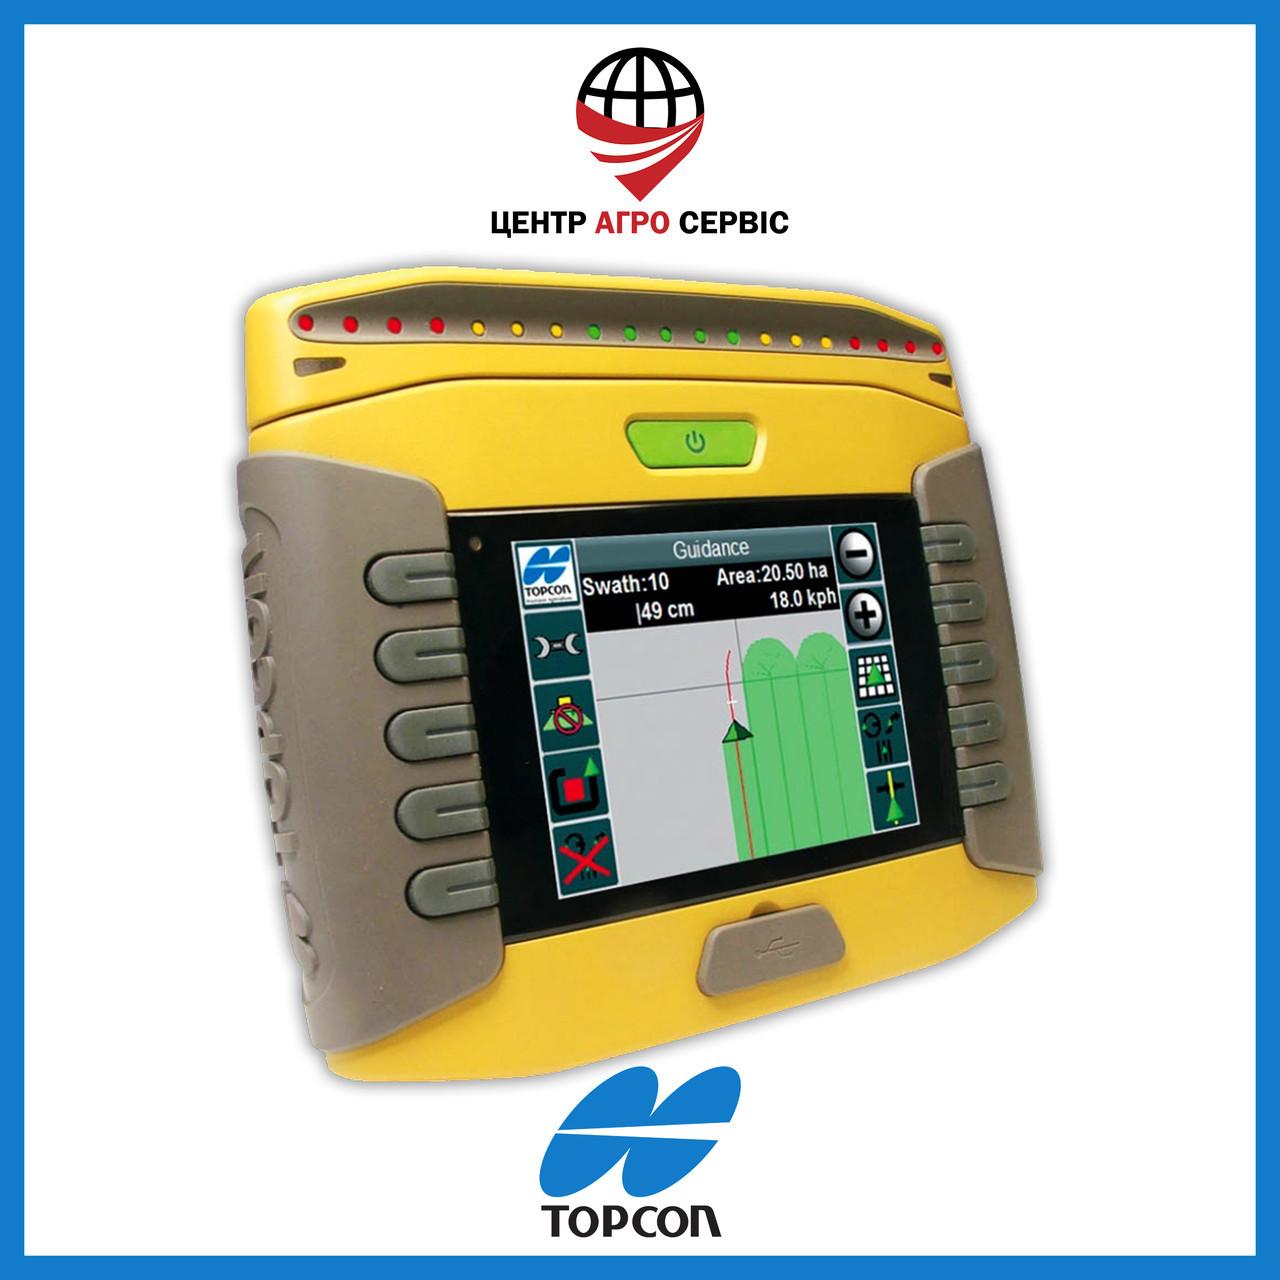 Gps навигатор для трактора (навигатор для поля, сельхоз навигатор)  Топкон 110